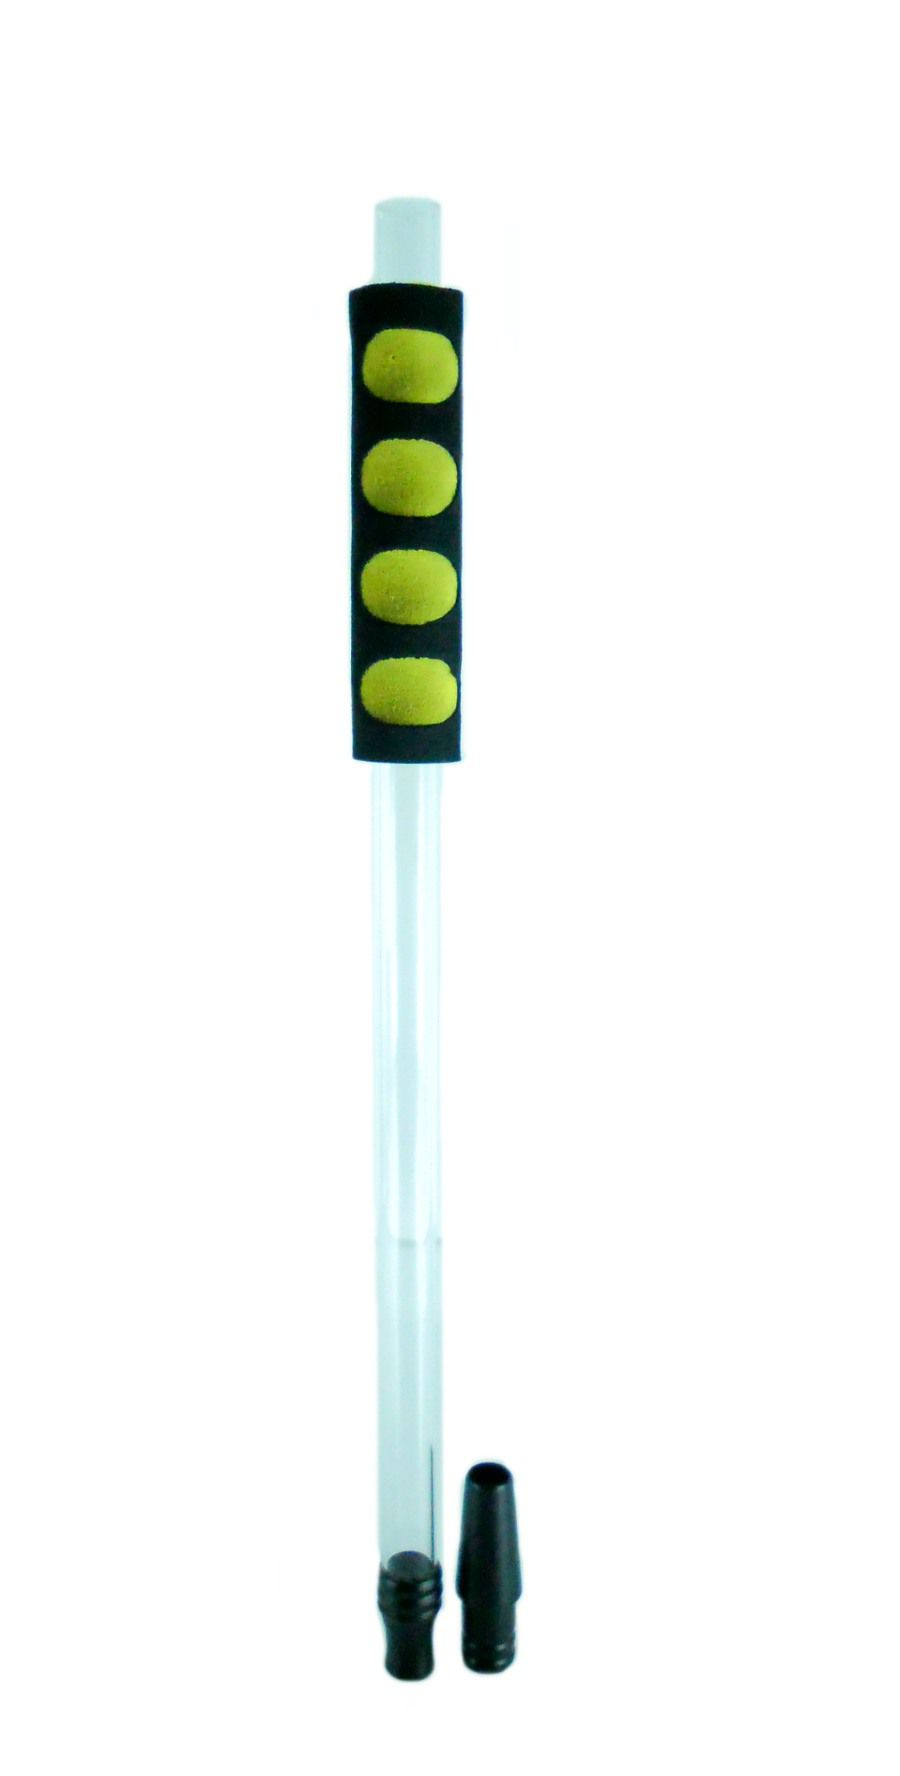 Piteira Yahya para mangueira de narguile. Fabricado em alumínio, acrílico e PS. Modelo NR251.02 Preta